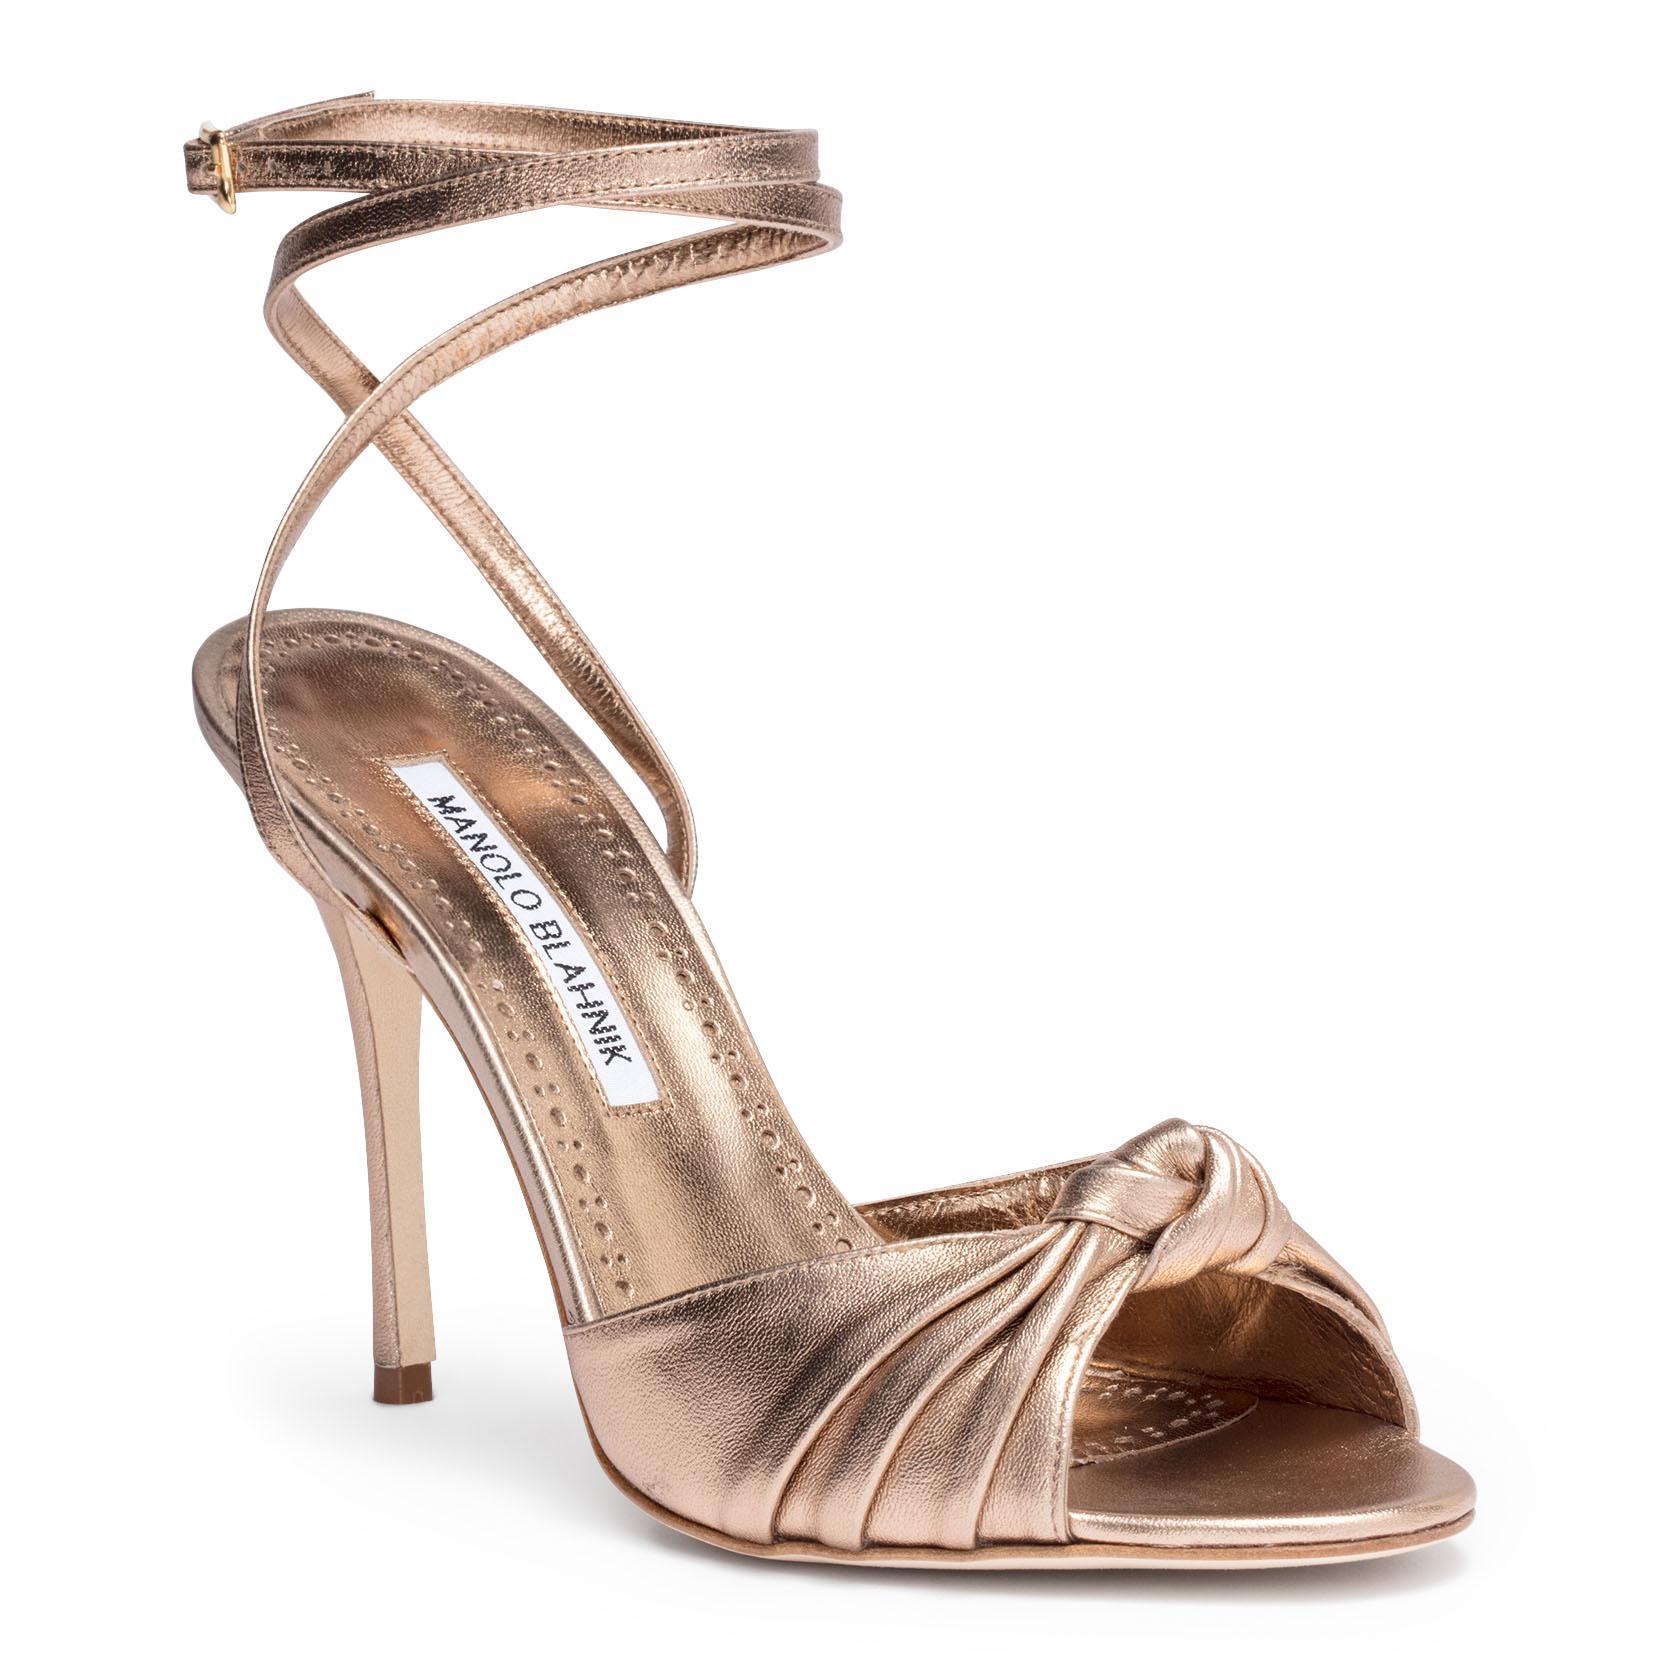 Mumuyesli 70 nappa light gold sandal Manolo Blahnik PfoOCb